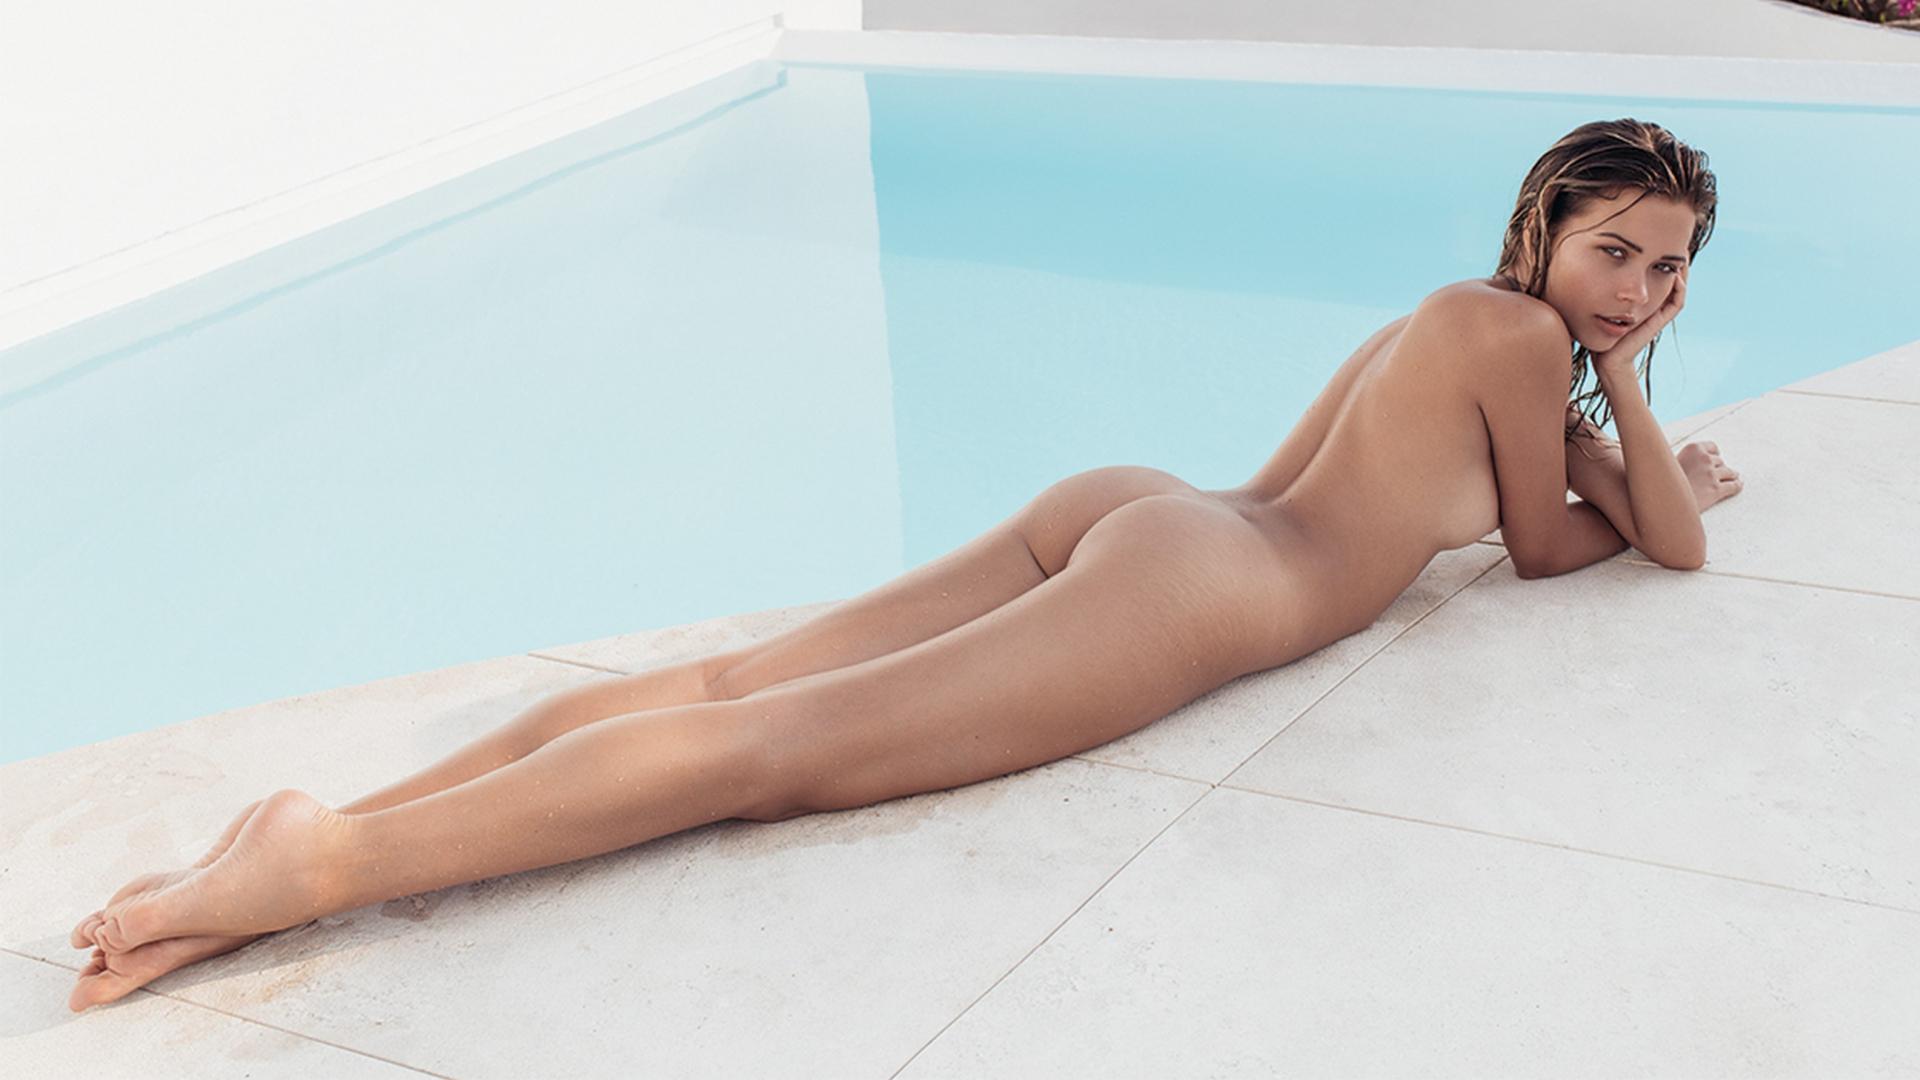 Sandra cretu nude